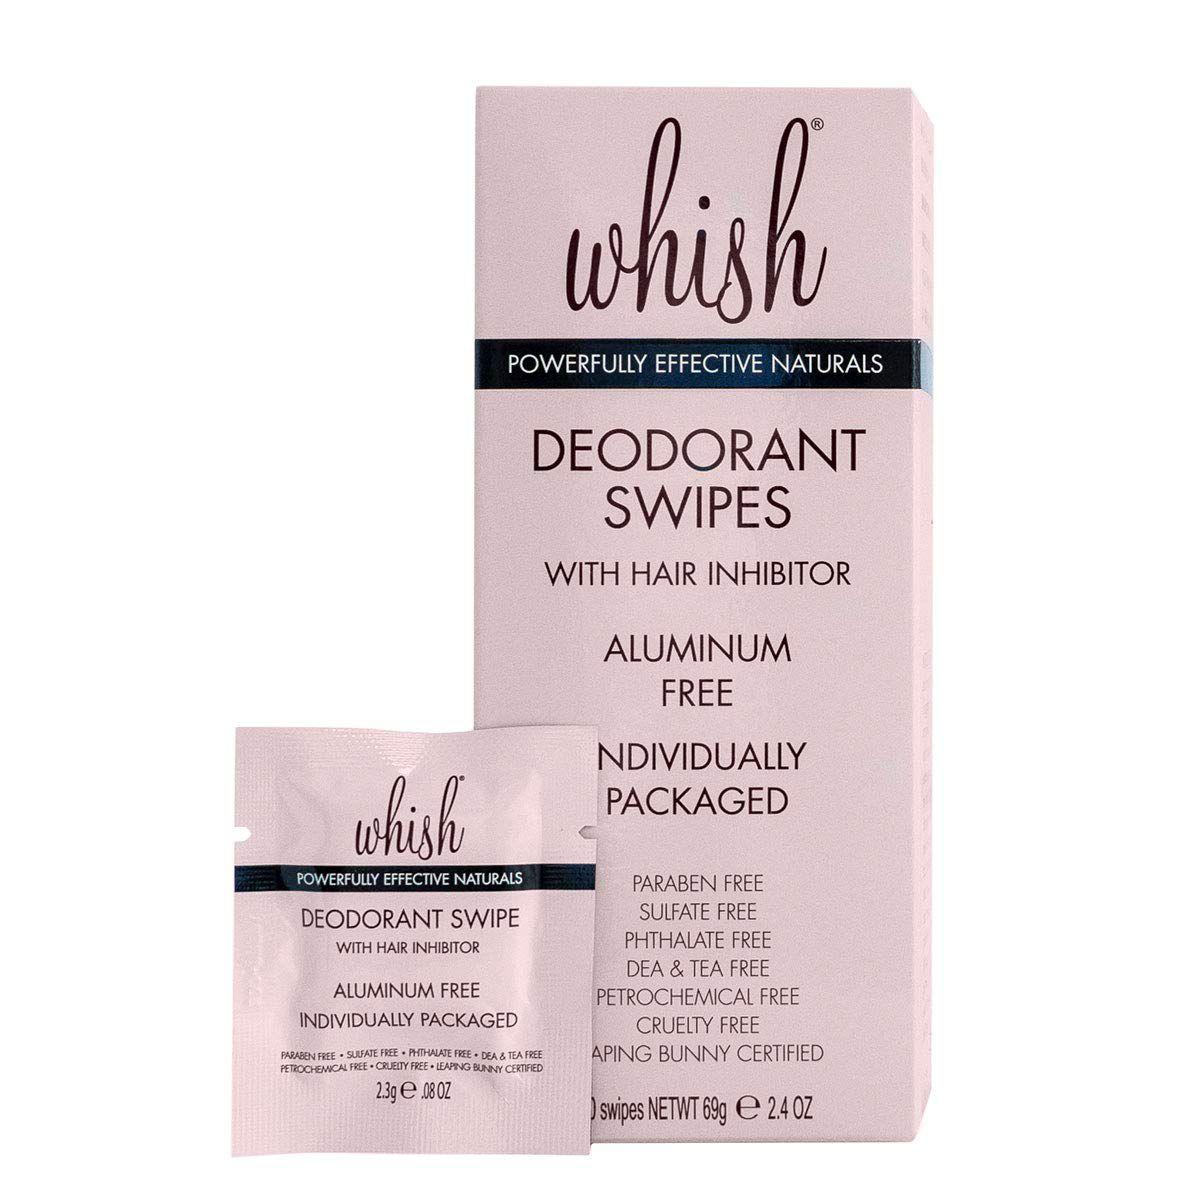 Whish Deodorant Swipe